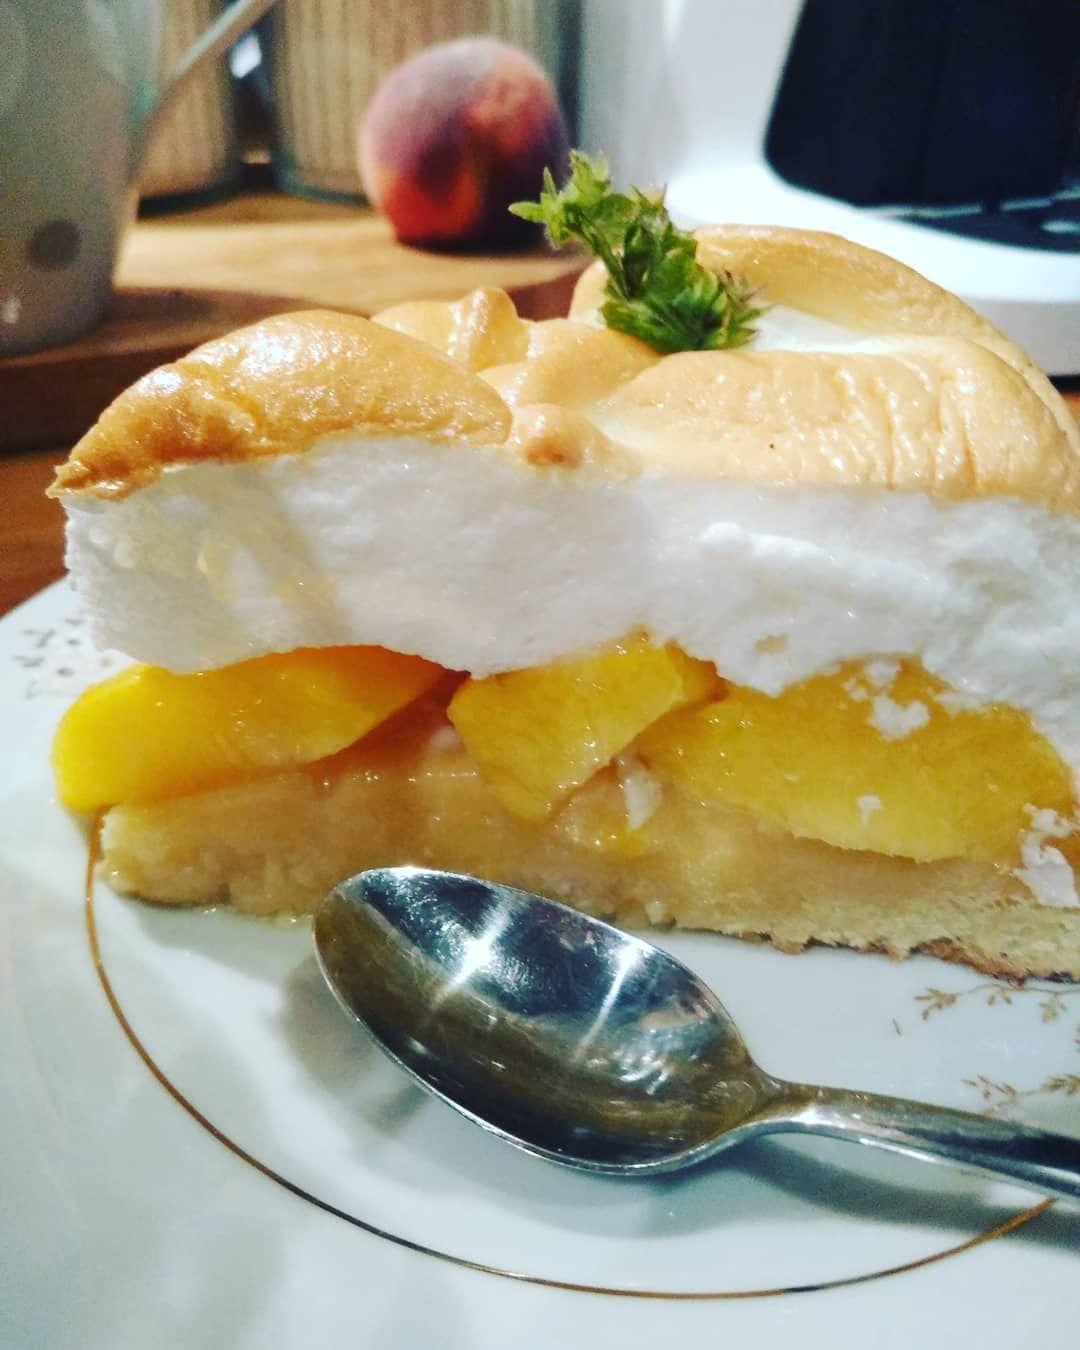 Tarta na kruchym spodzie z brzoskwiniami 🍑🍑🍑. #me #ewelina #tarta #kruchyspód #brzoskwinka🍑 #delicio...